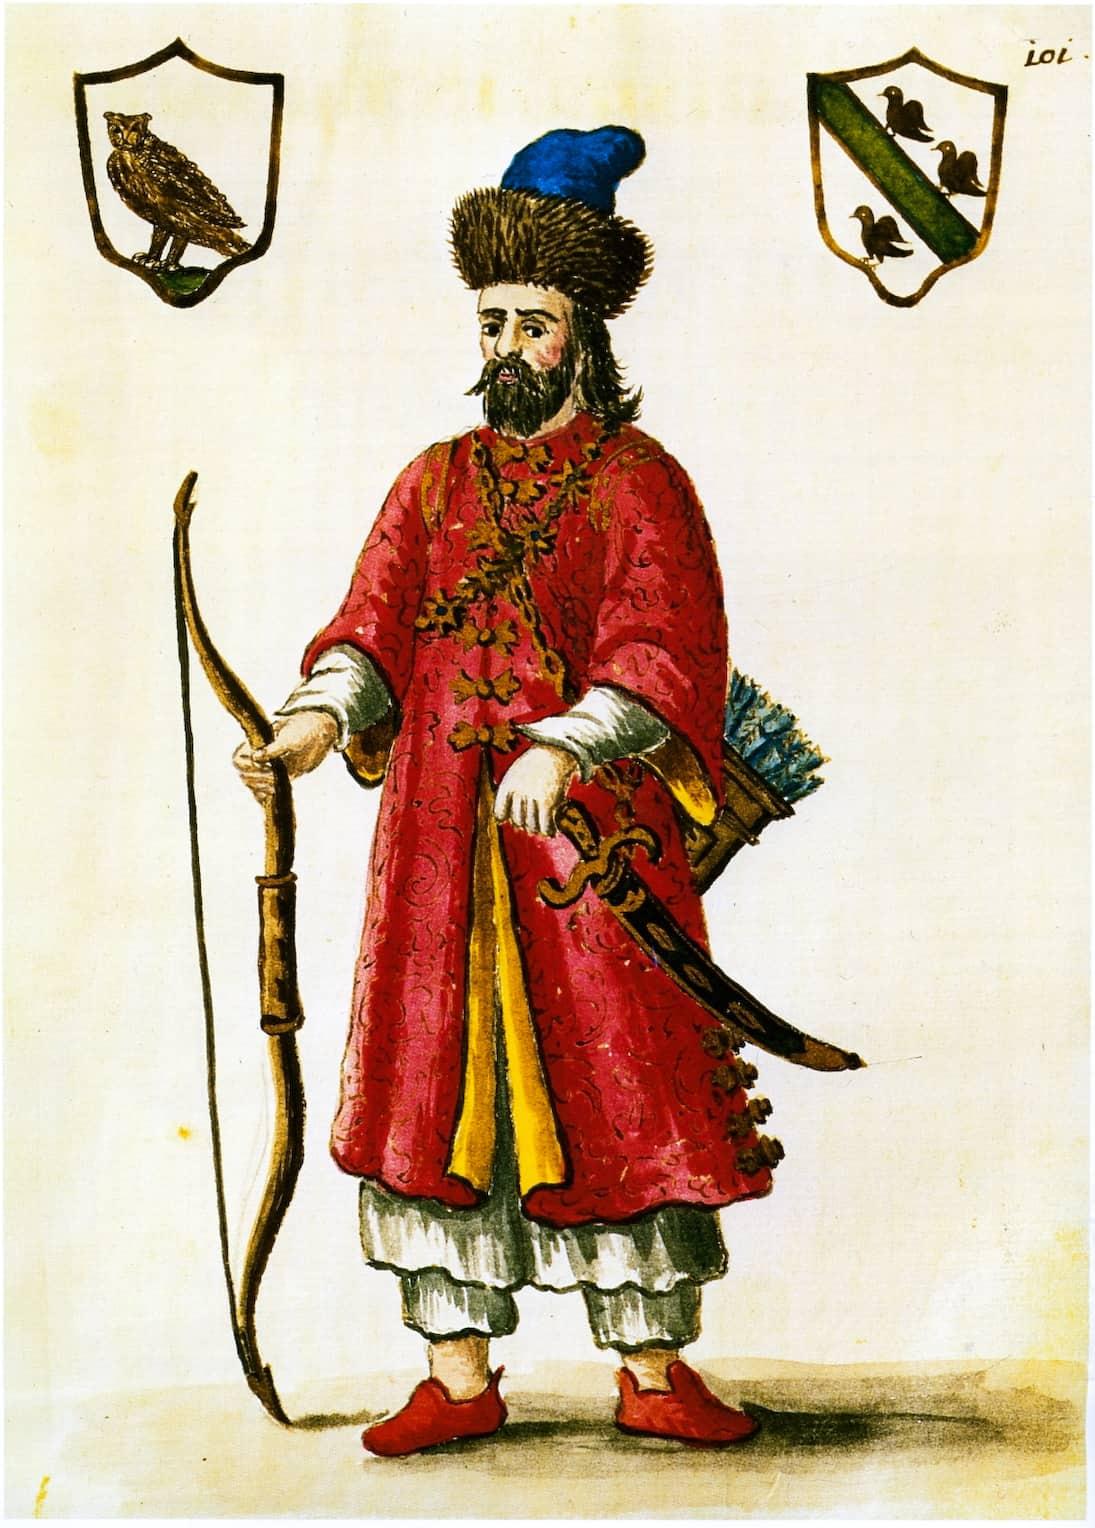 Marco Polo as Tartar